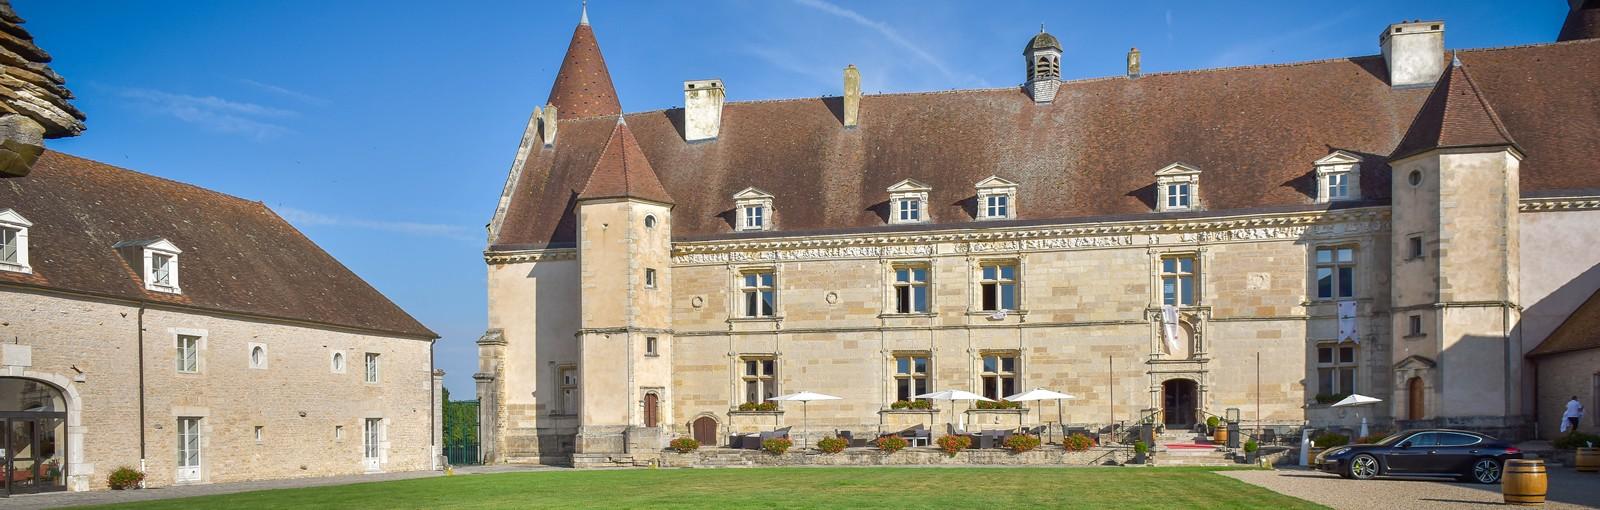 Chateau-Hôtel Bourgogne